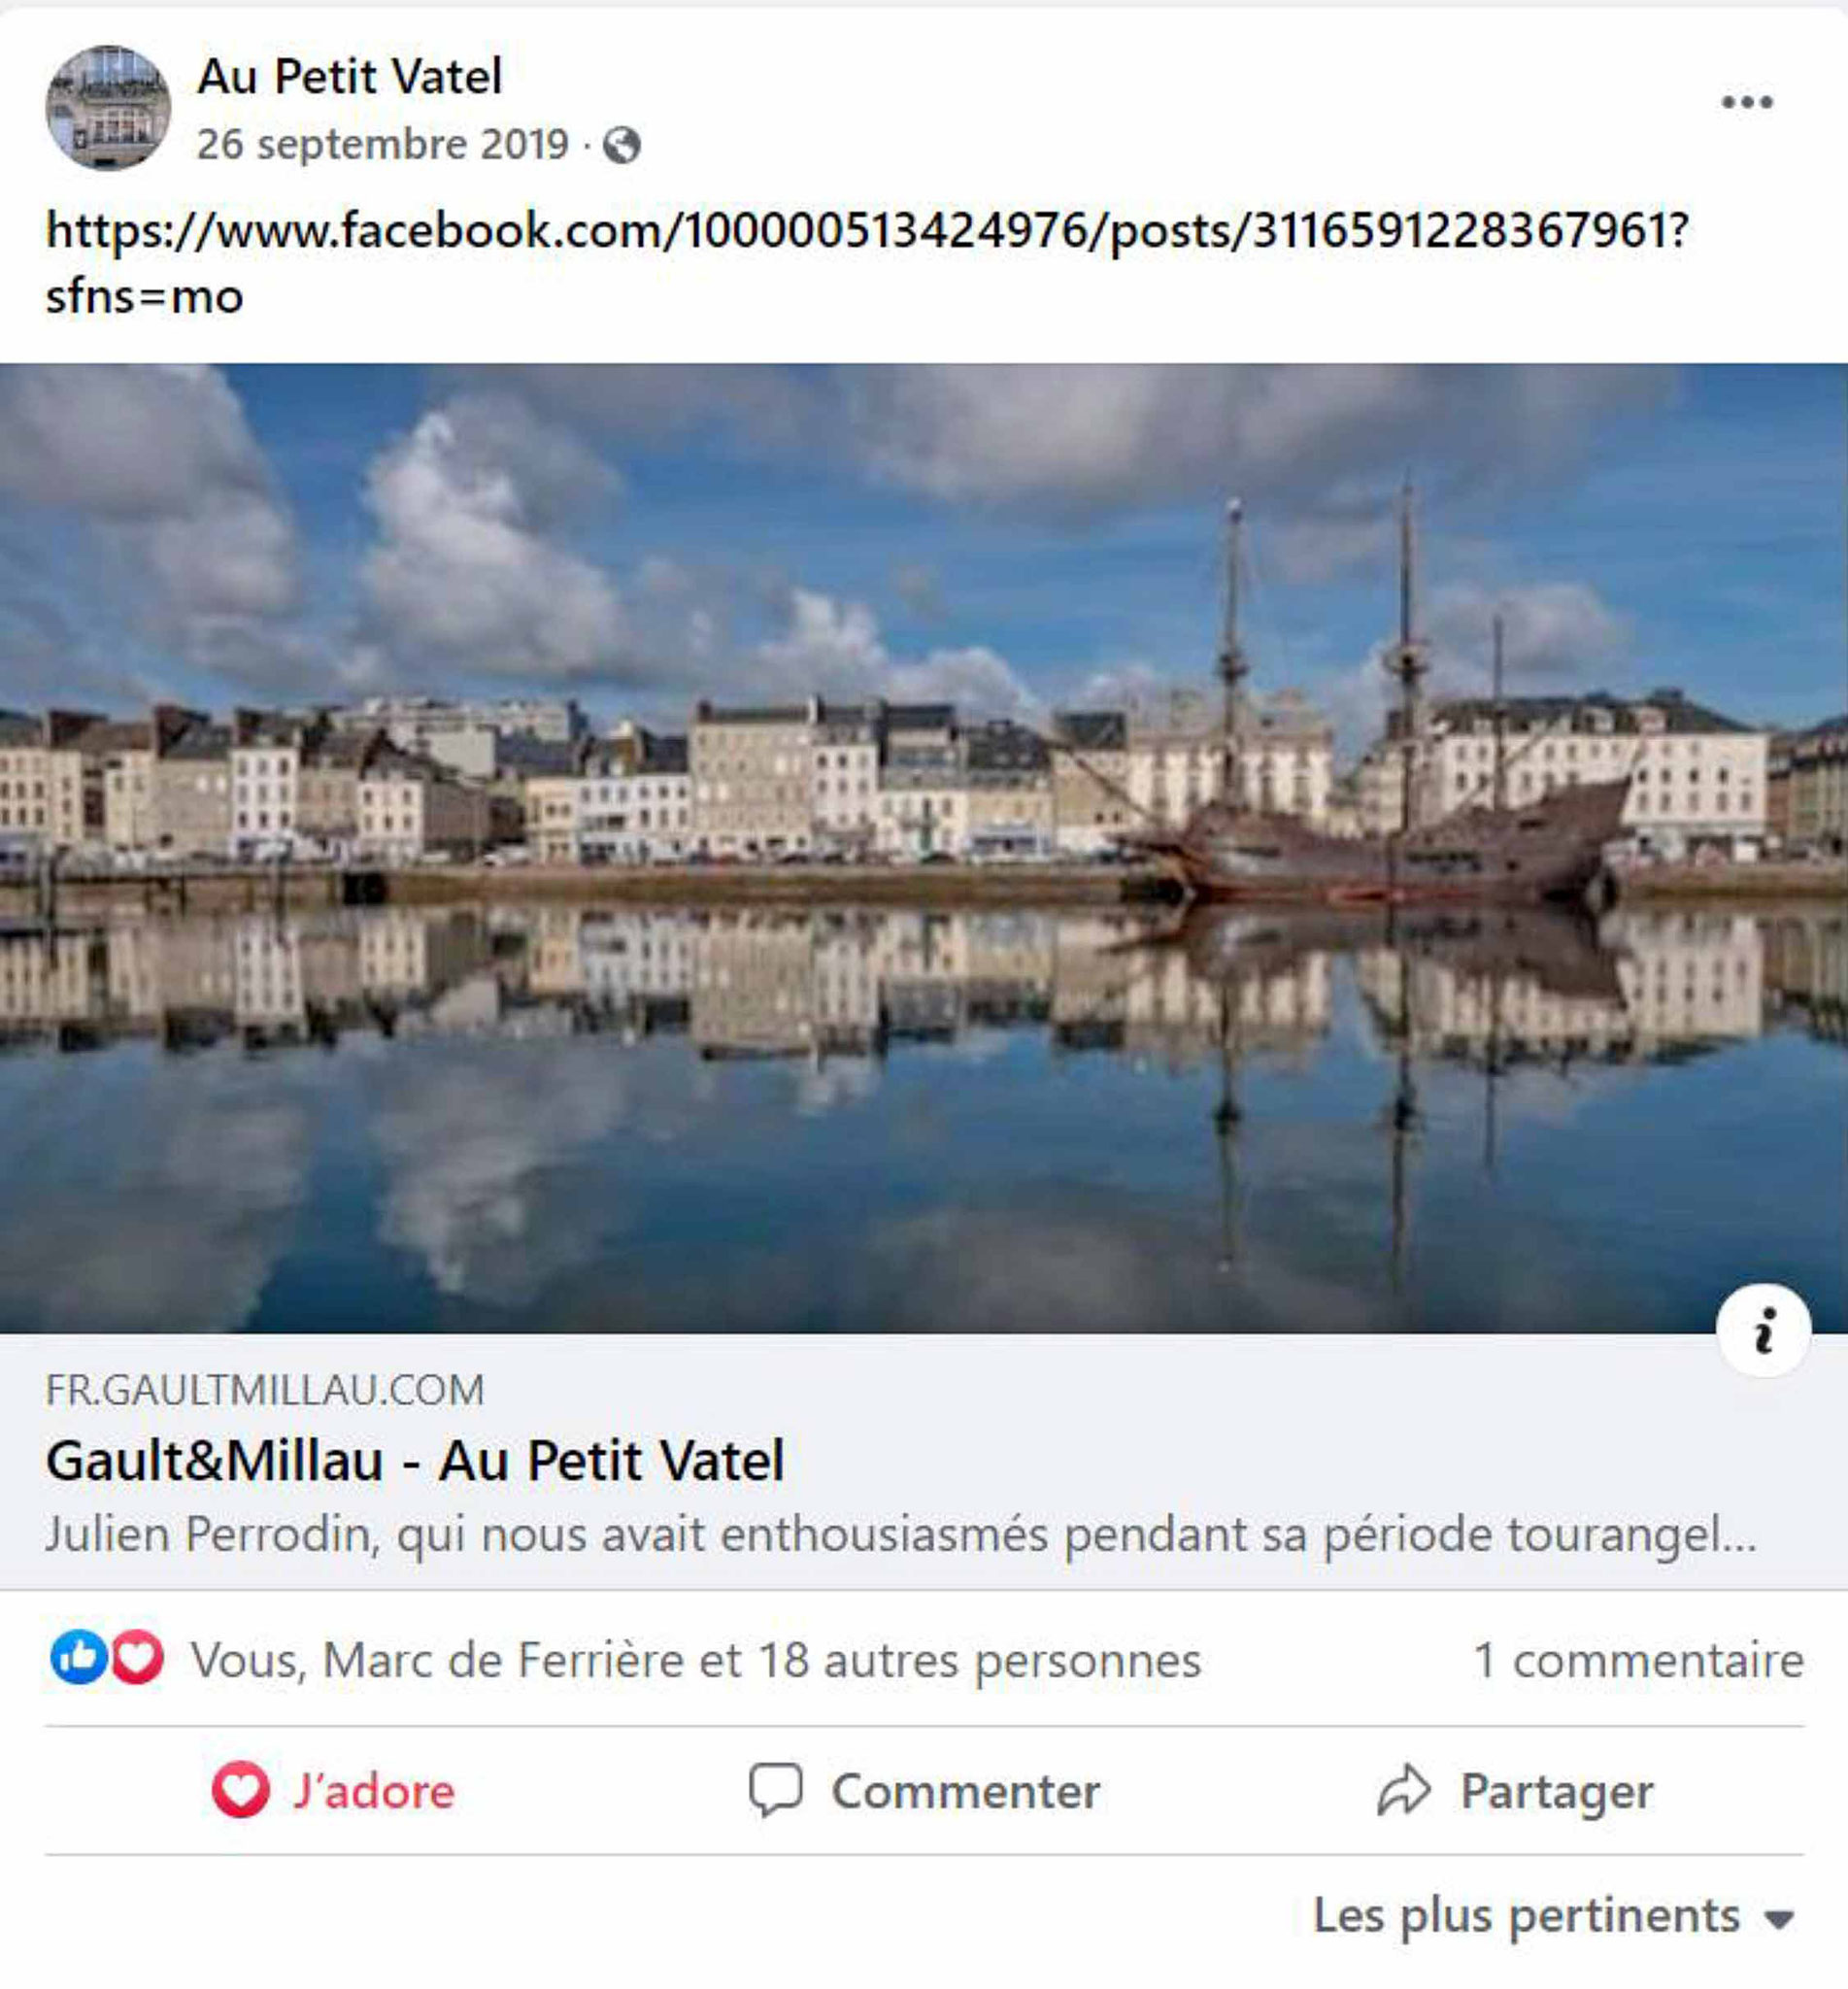 L'article du Gault & Millau